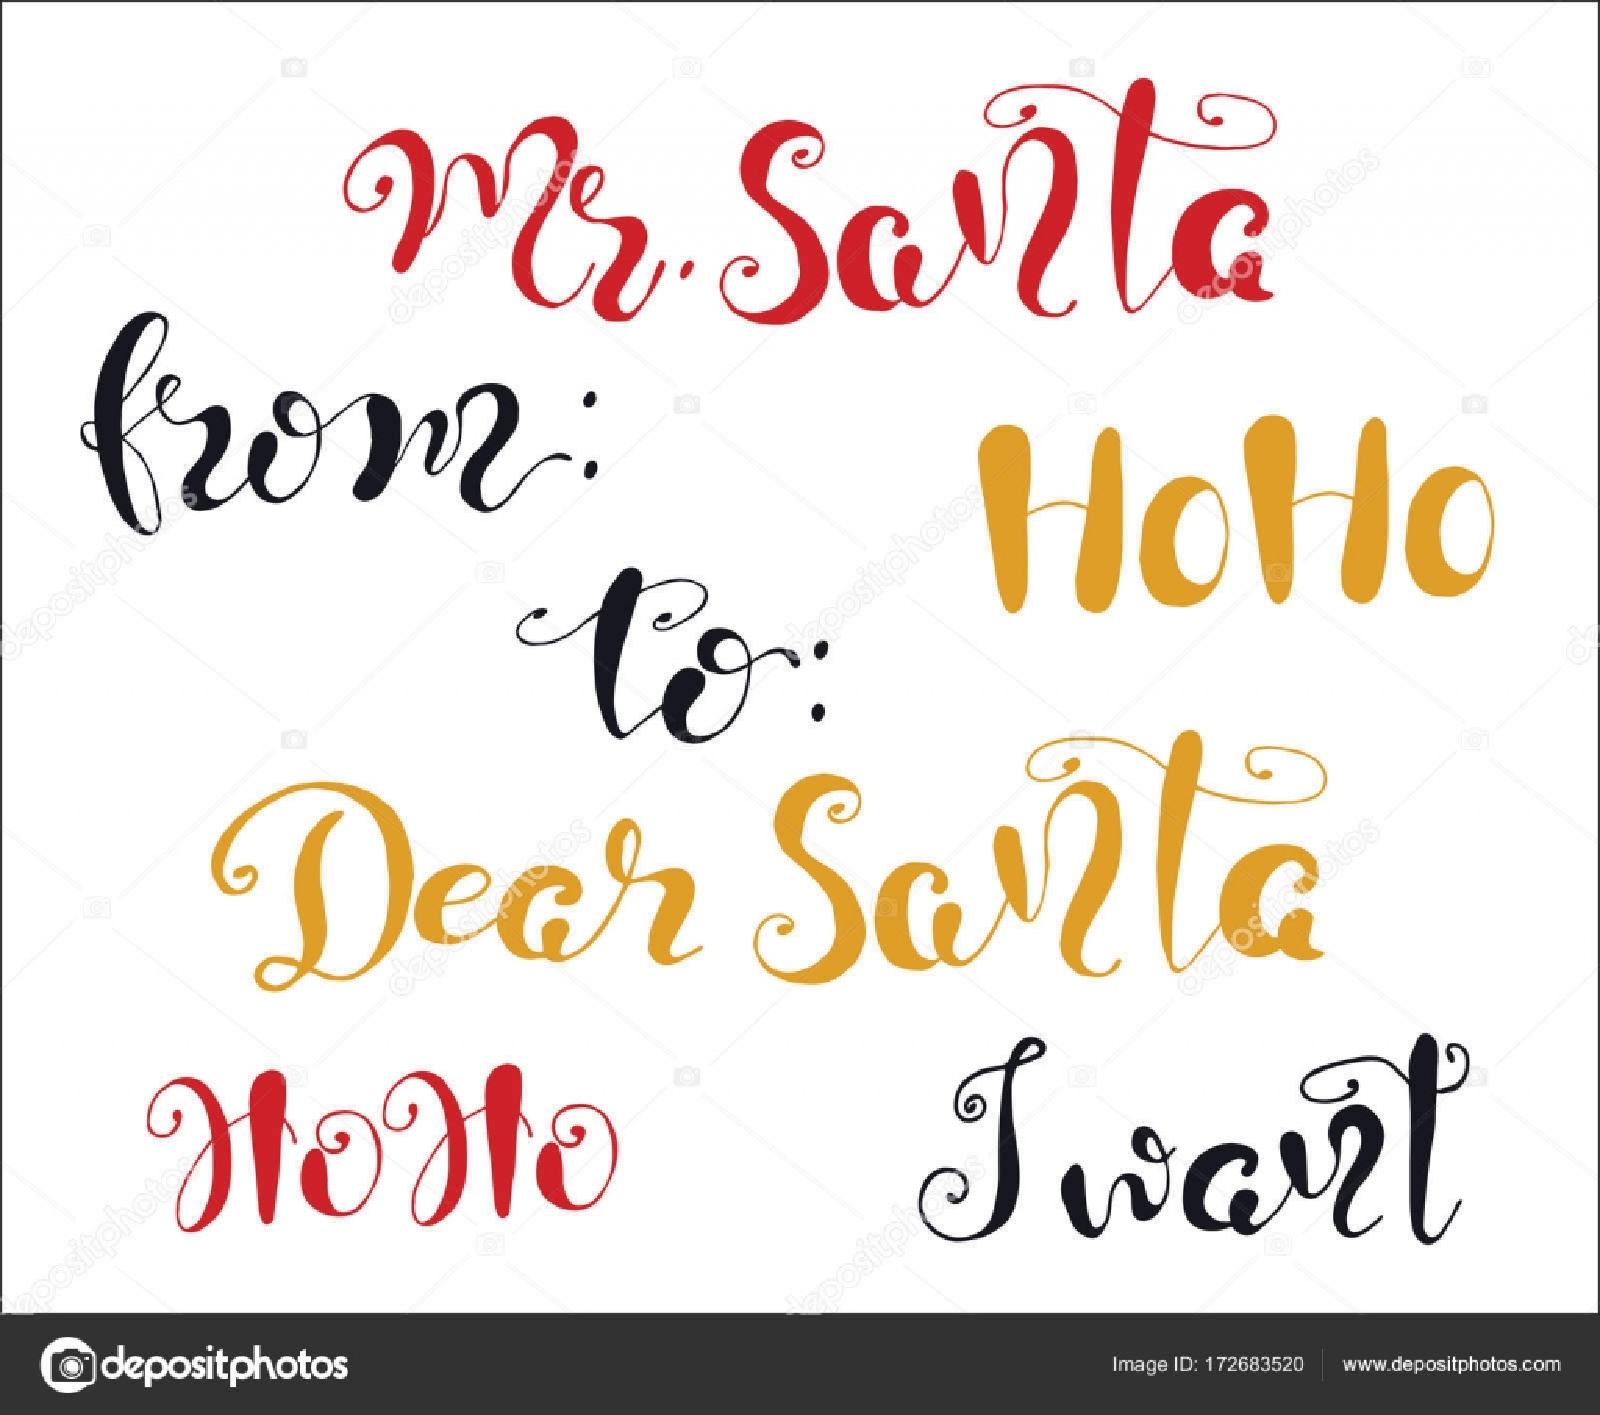 Frohe Weihnachten Zitat Schriftzug lieber Weihnachtsmann, Ho ho, ich ...